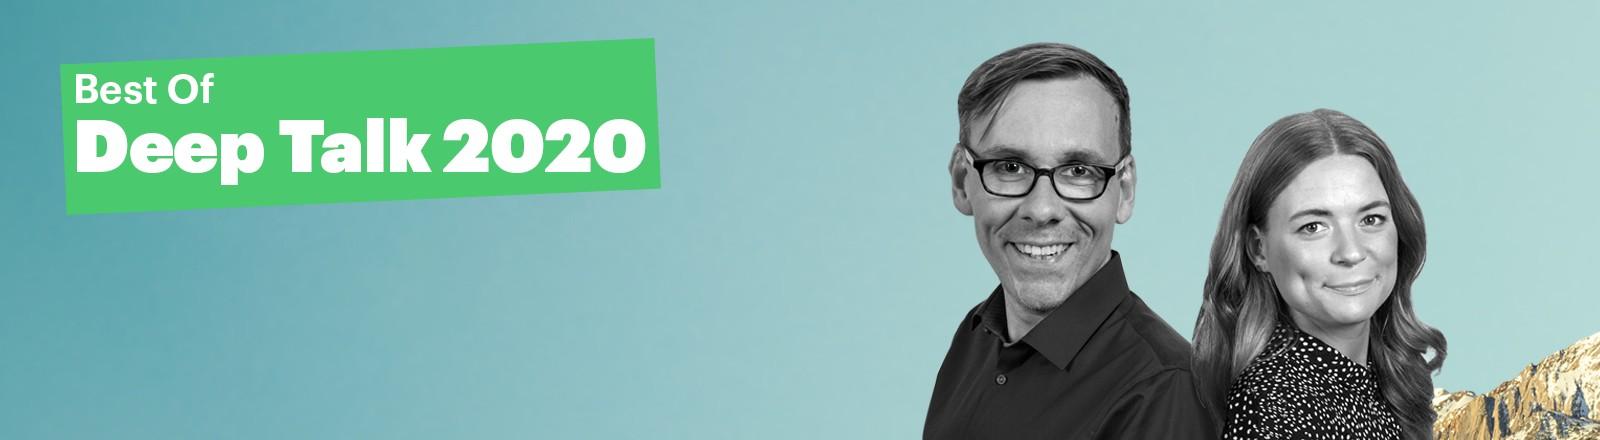 """Porträts des Deep-Talk-Moderationsteams Rahel Klein und Sven Preger und Schriftzug """"Best OF Deep Talk 2020"""""""